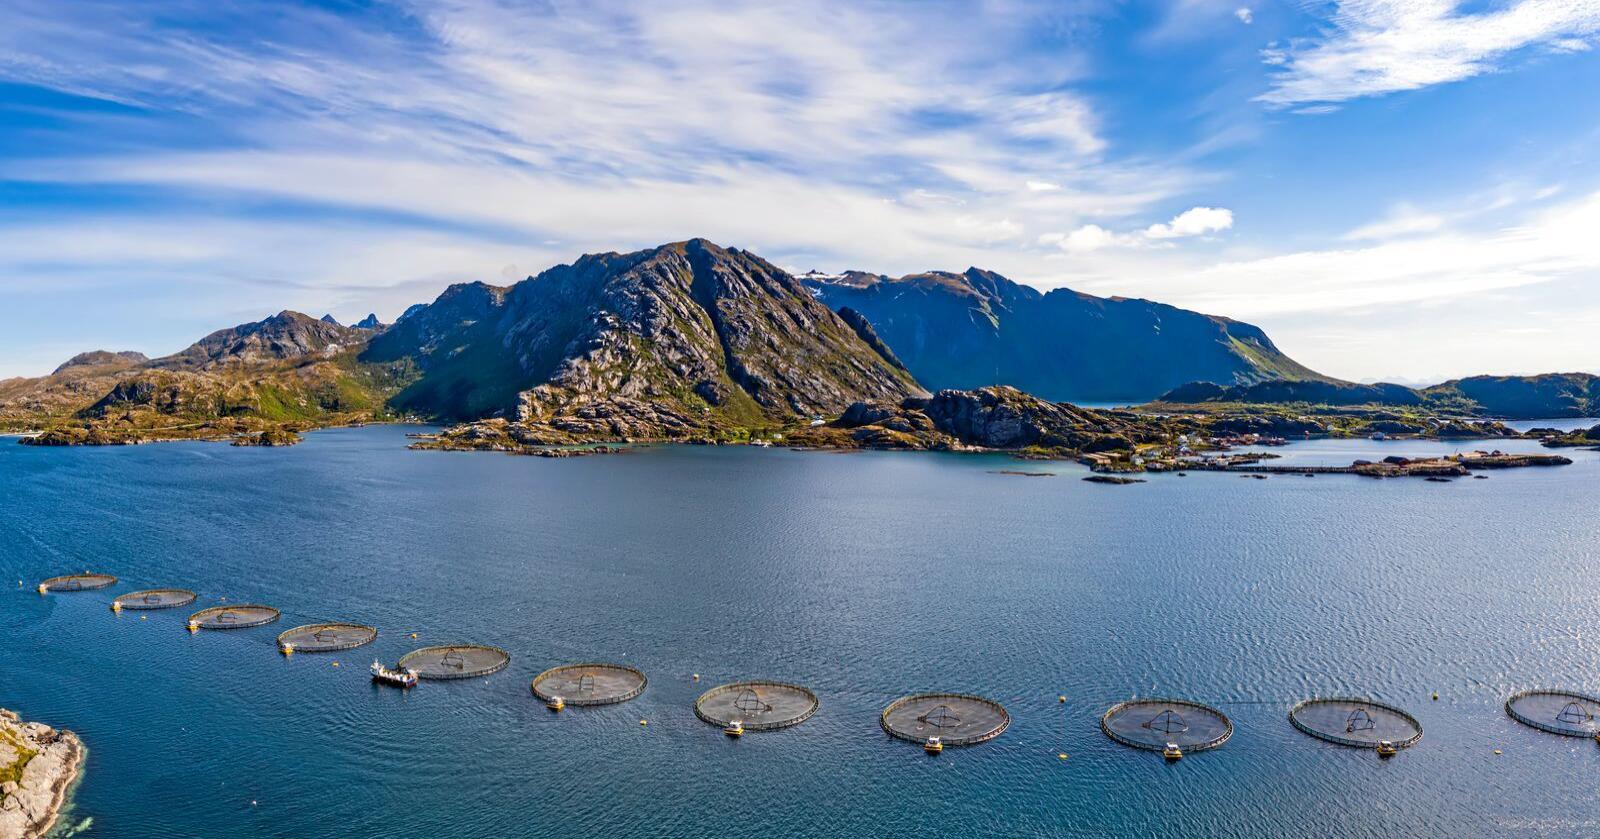 Kan flyttes: Det er ikke slik at norske fjorder er en forutsetning for produksjon av laks, skriver Henrik Wiedswang Horjen. Foto: Andrey Armyagov / Mostphotos